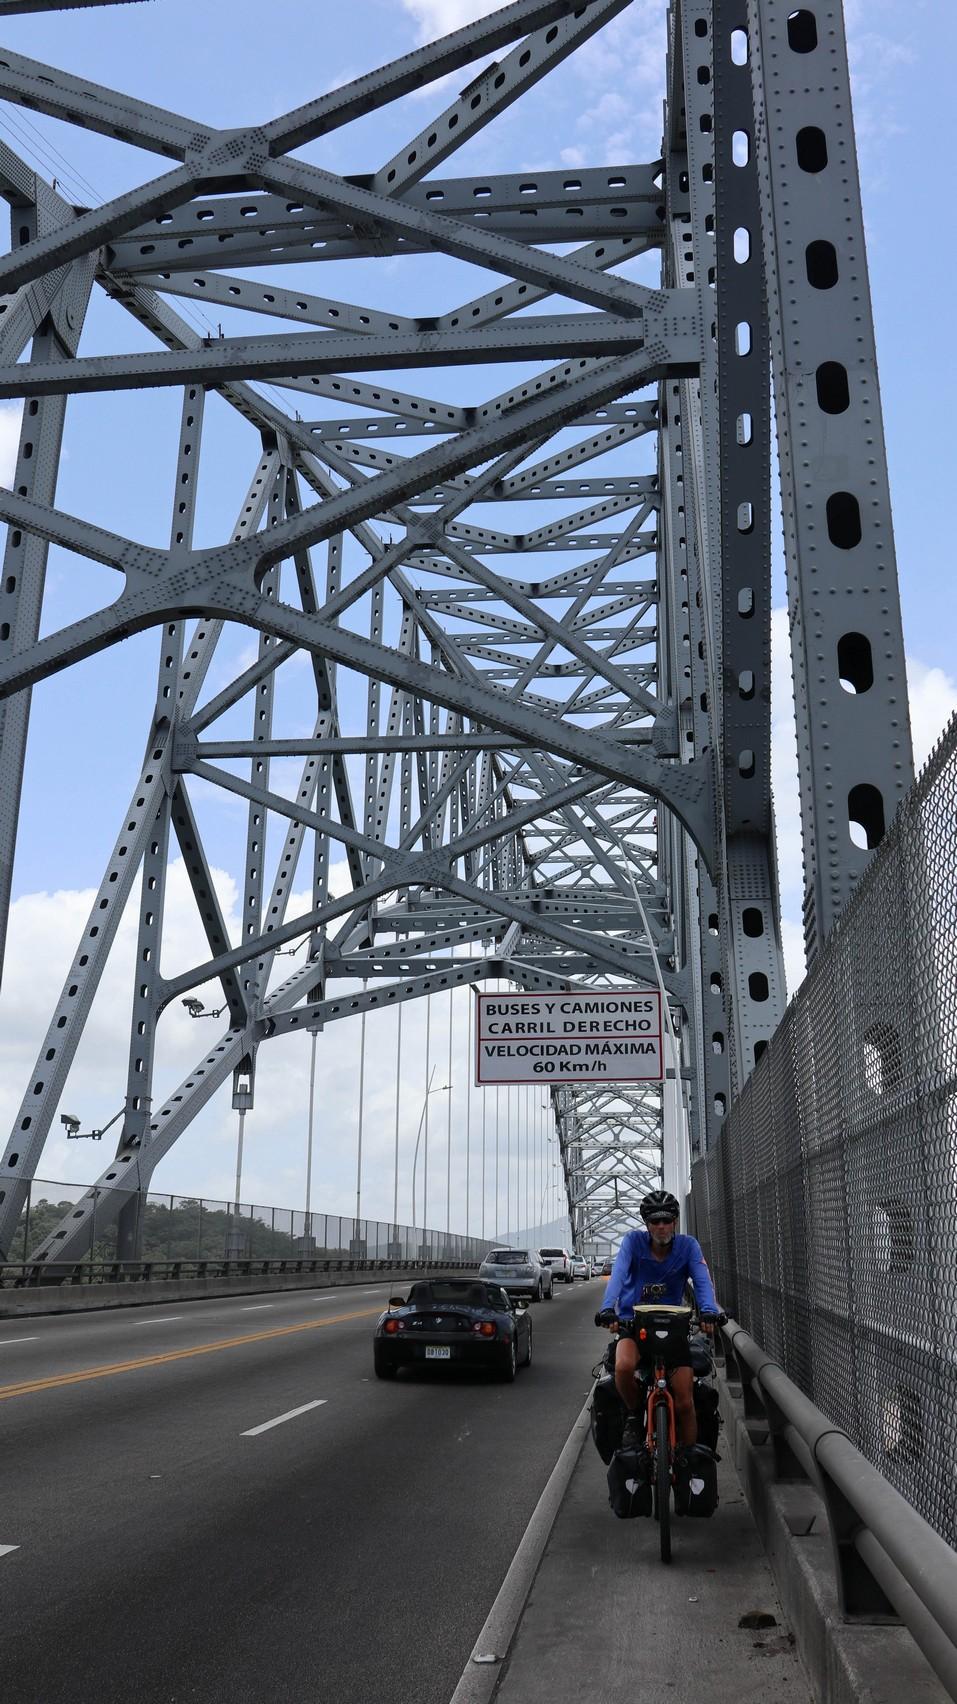 2018-07-15 La Chorrera_Panama City-49